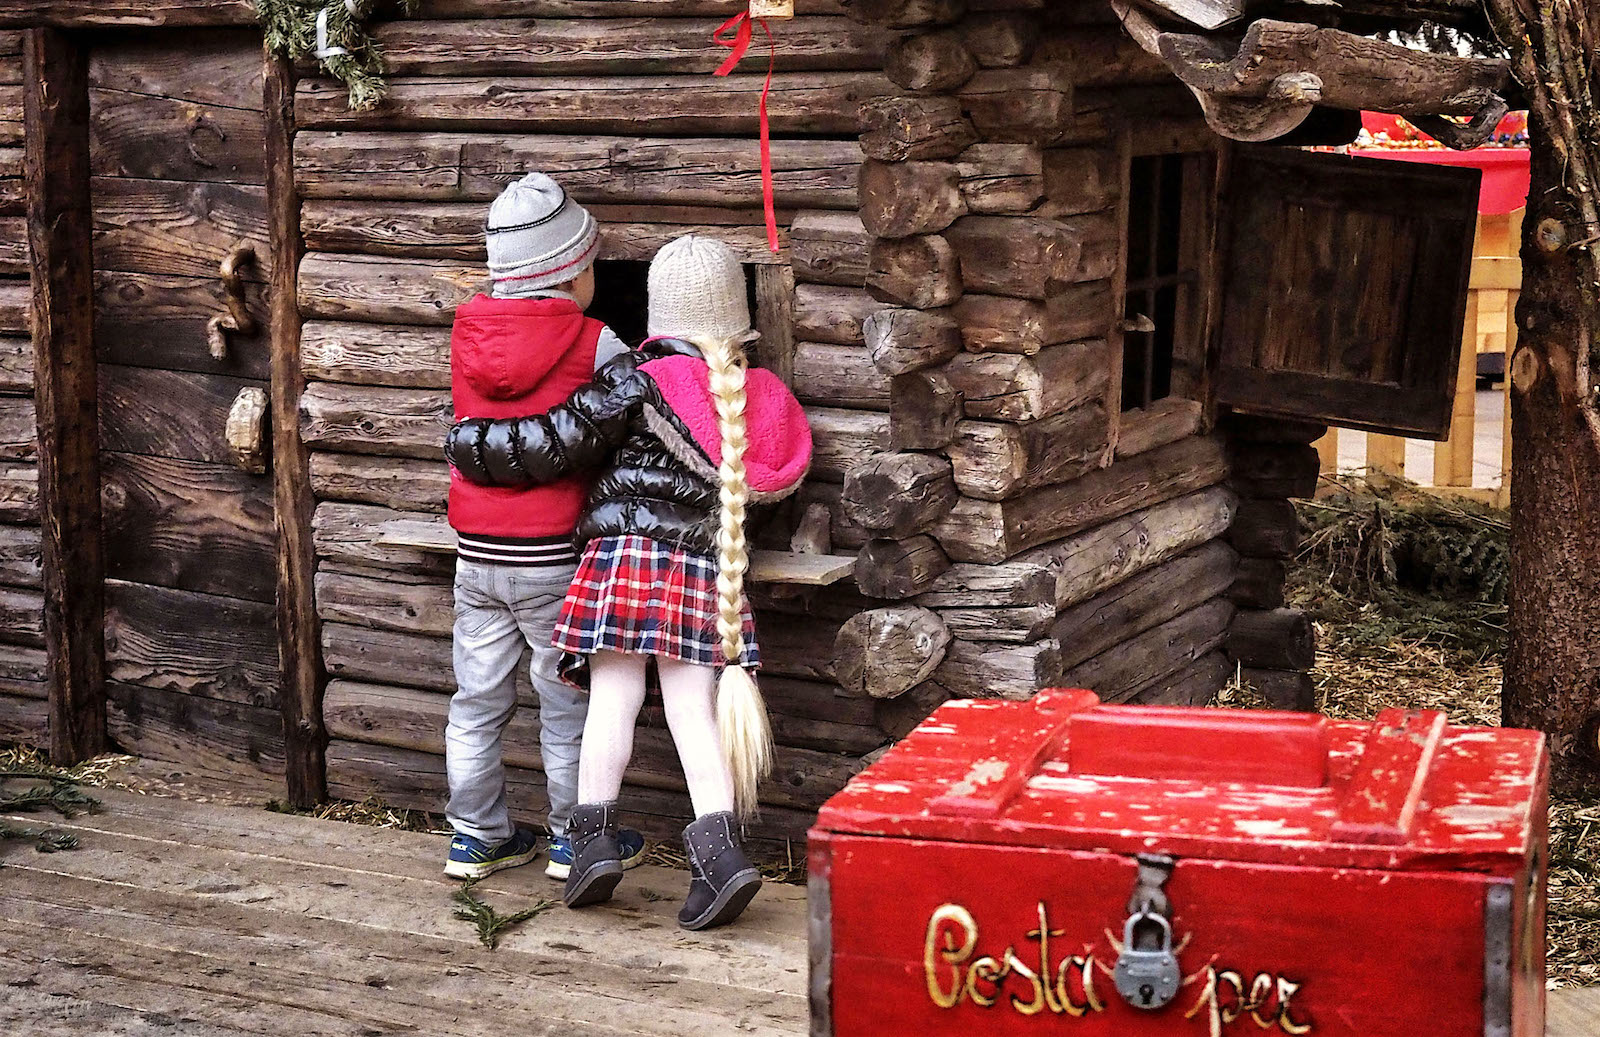 Immagini Di Bambini A Natale.I Piu Suggestivi Mercatini Di Natale In Trentino Da Visitare Con I